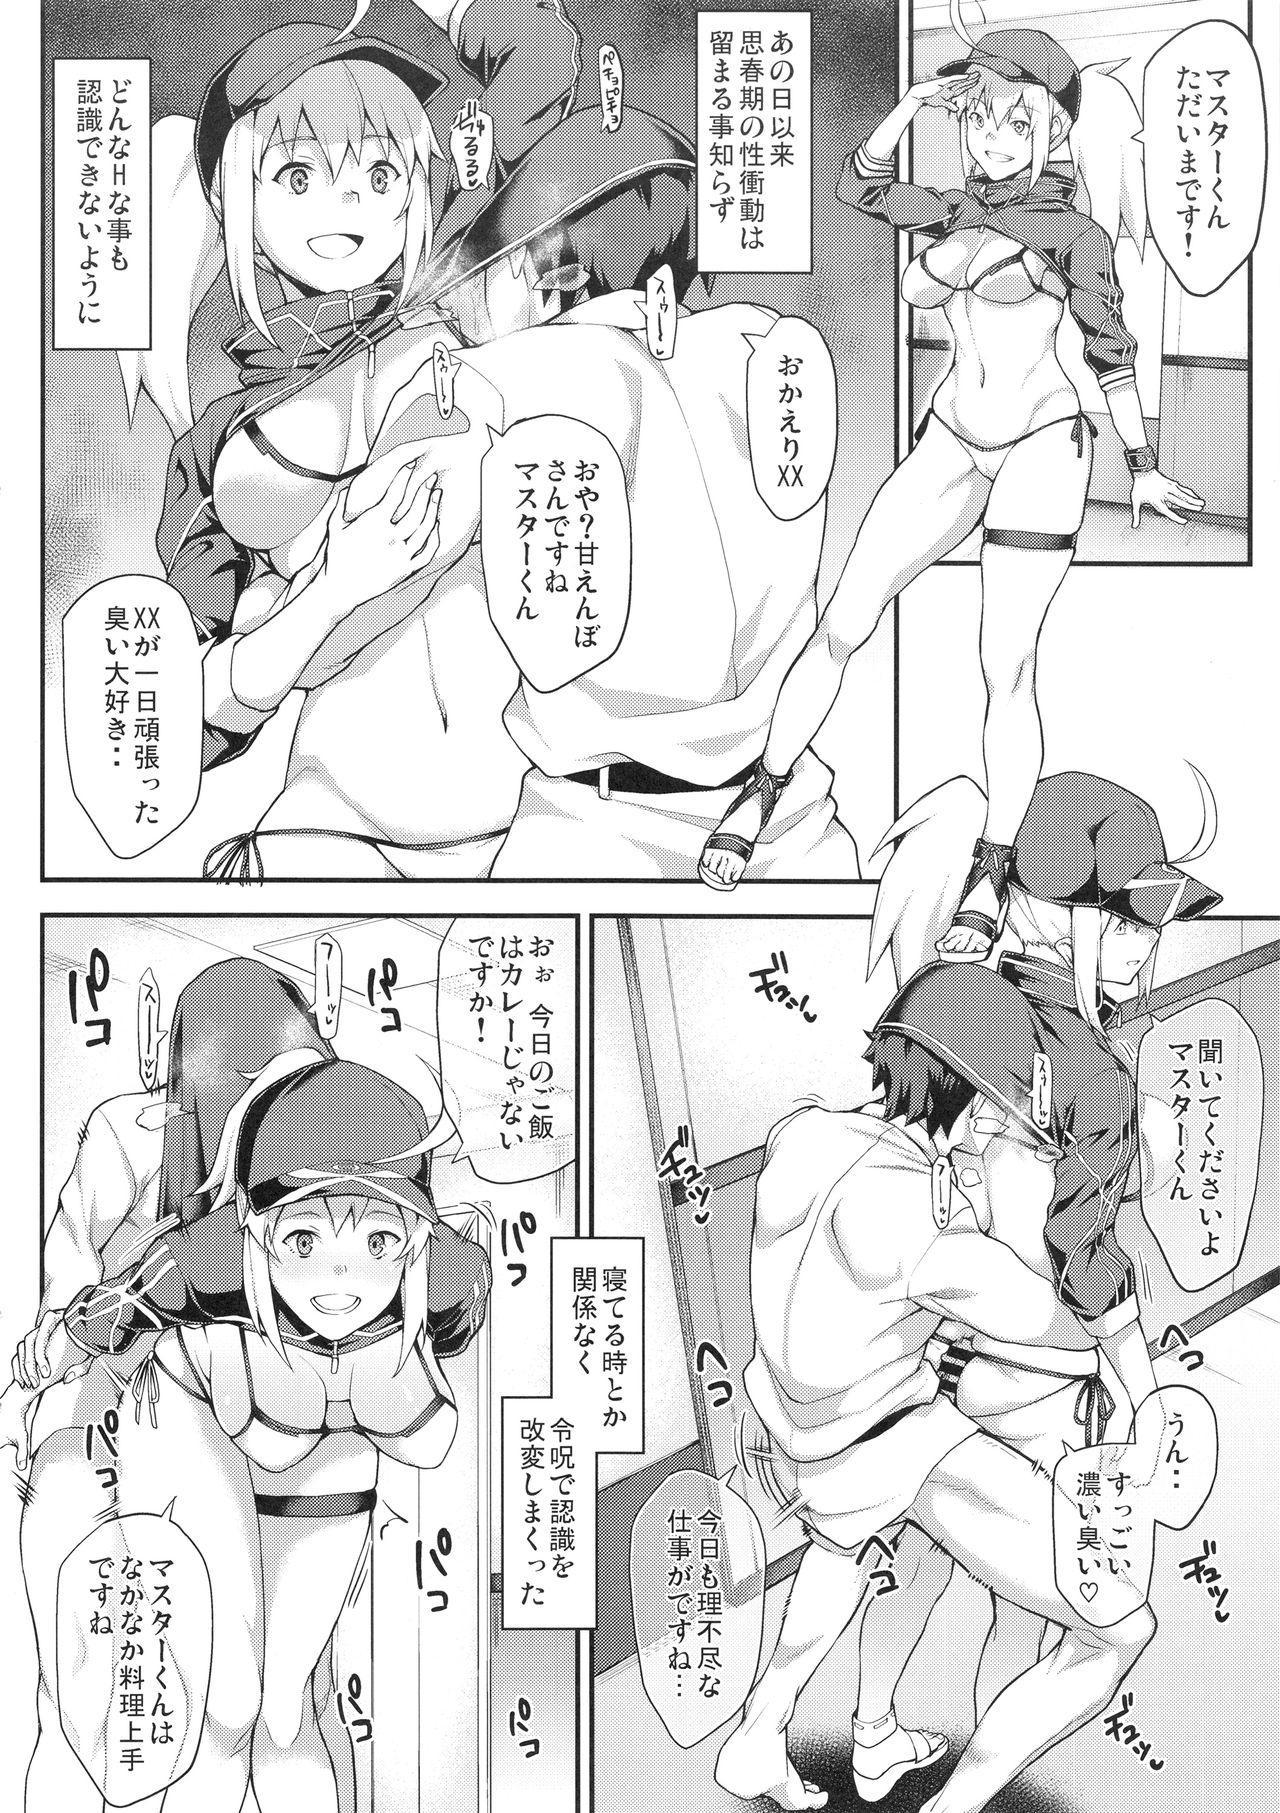 Sore wa Kyorikan ga Chikasugiru Heroine XX ga Warui yo 13